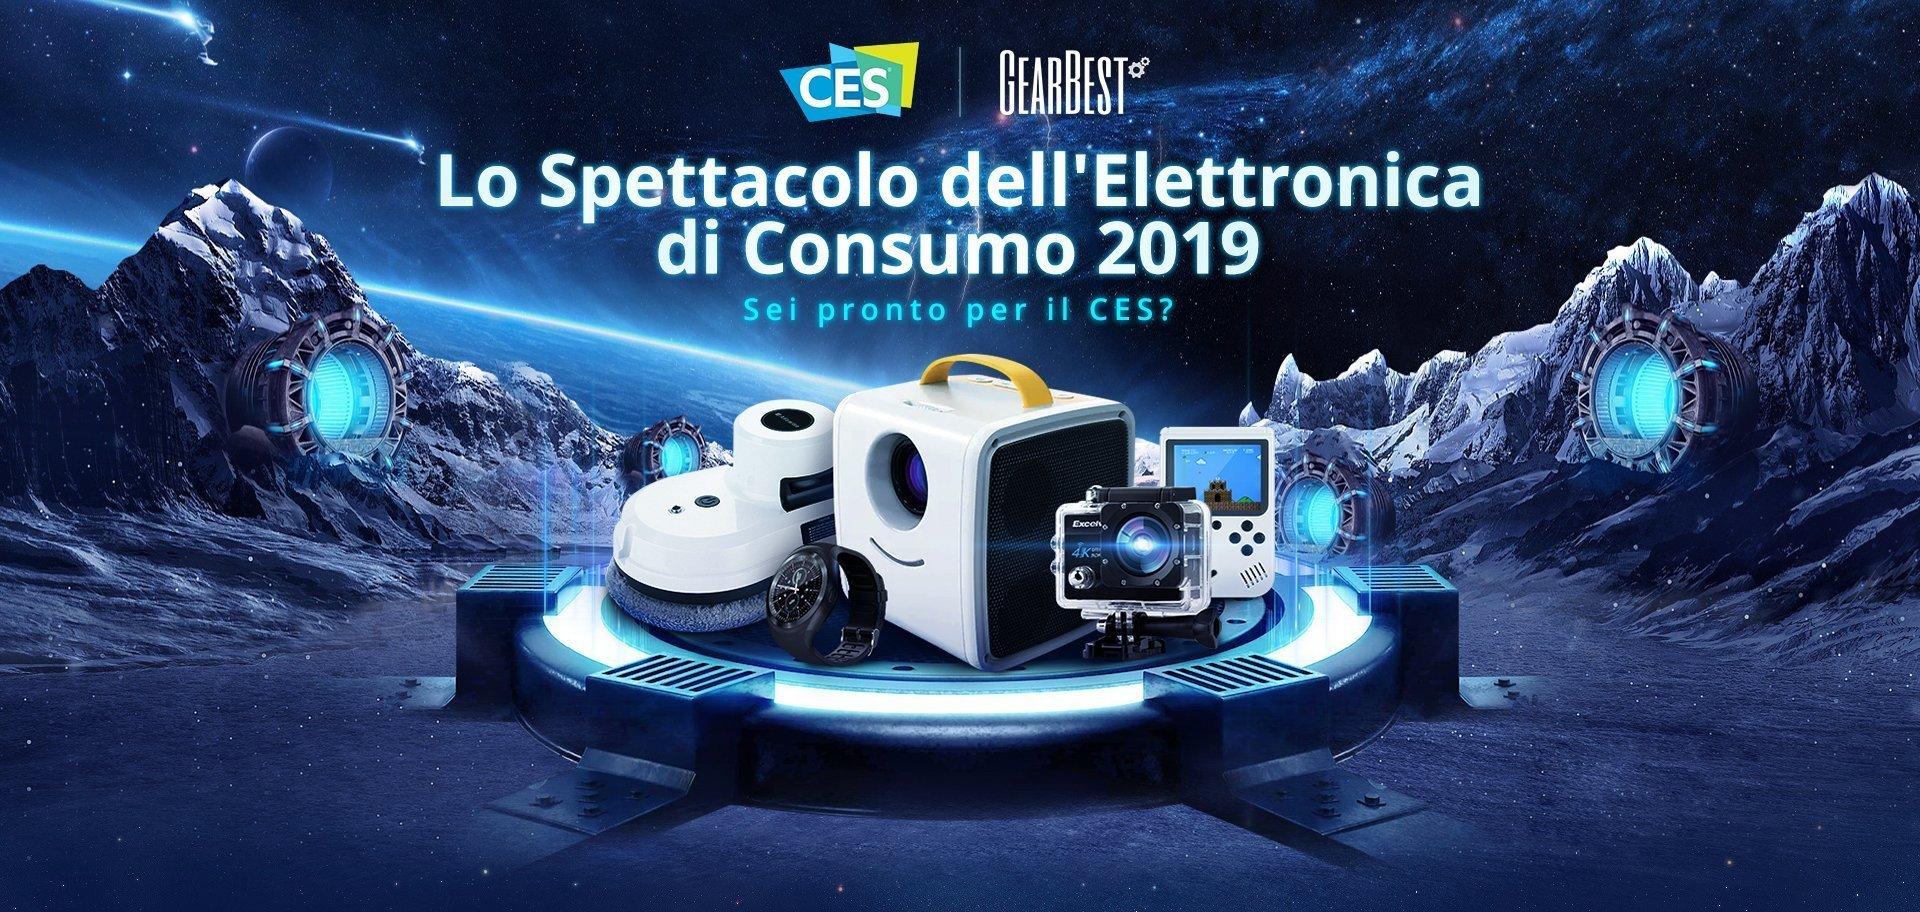 CES 2019 - Offerte elettronica di consumo